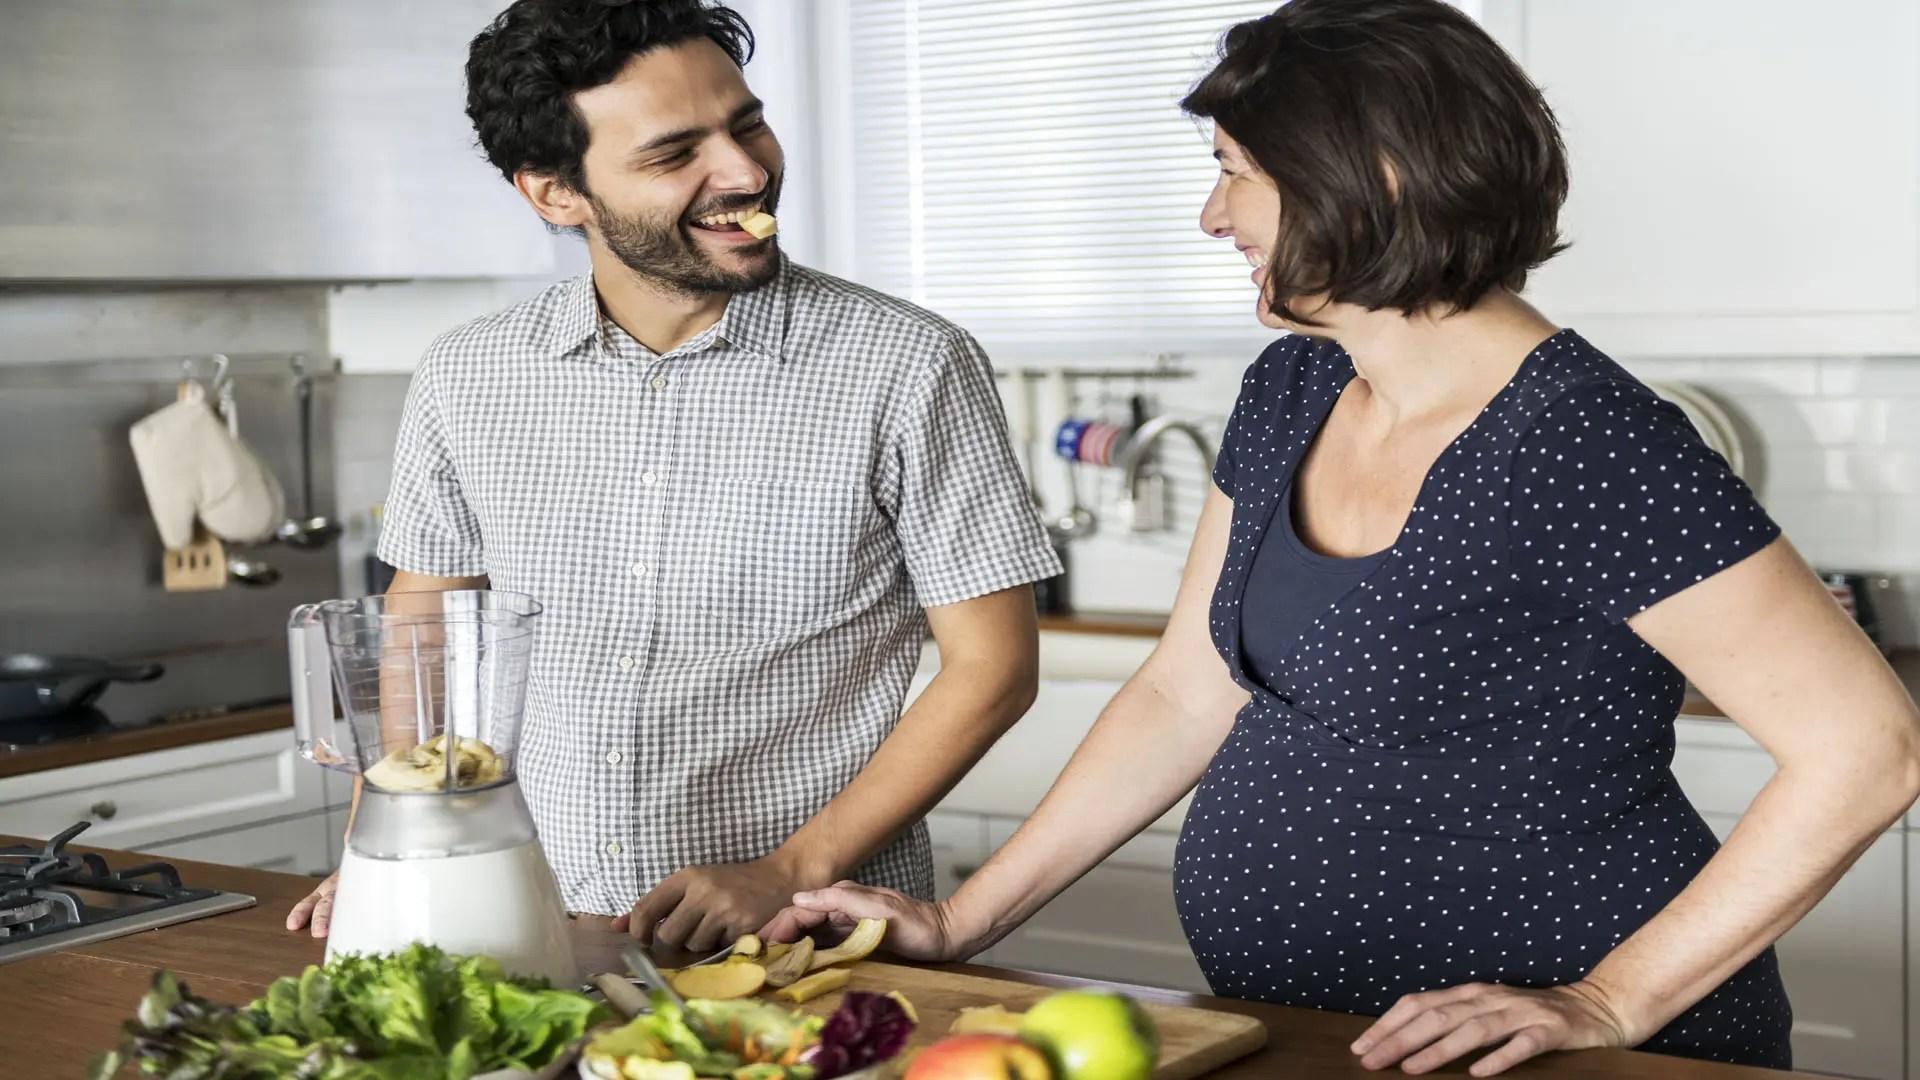 Salud óptima a través de la nutrición genético-epigenética | El Paso, TX.